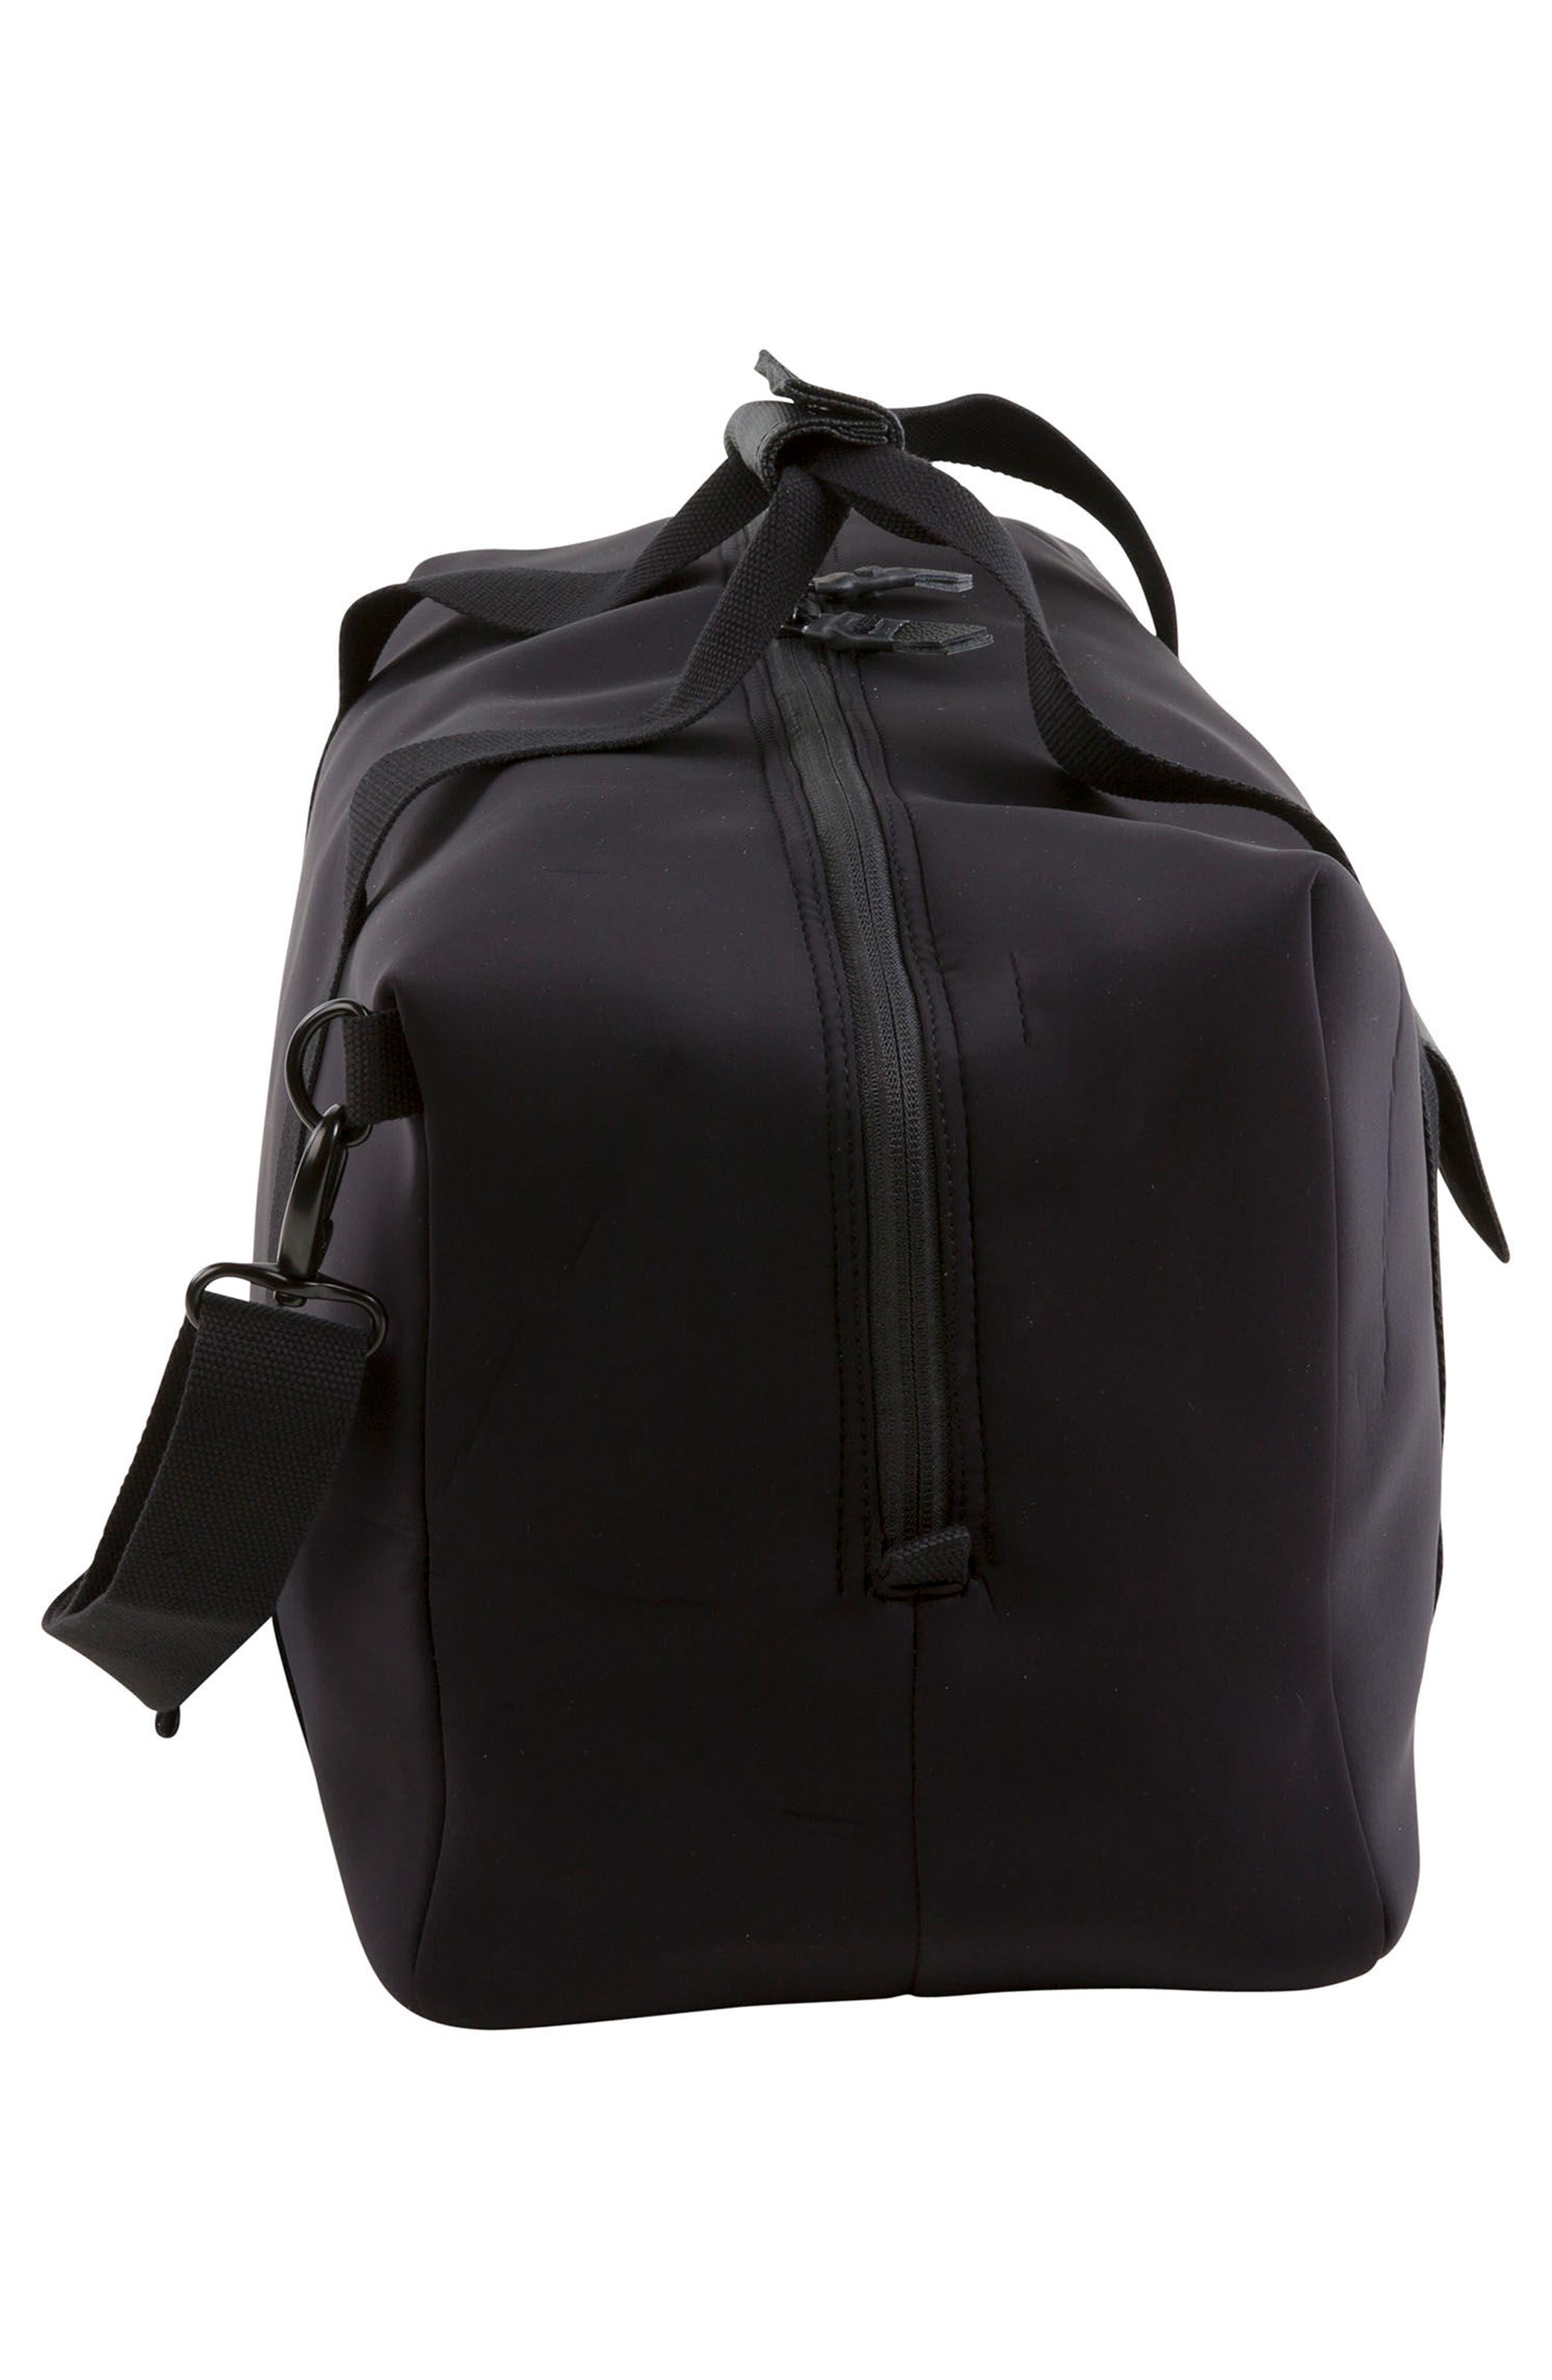 Duffel Bag,                             Alternate thumbnail 4, color,                             Black Neoprene